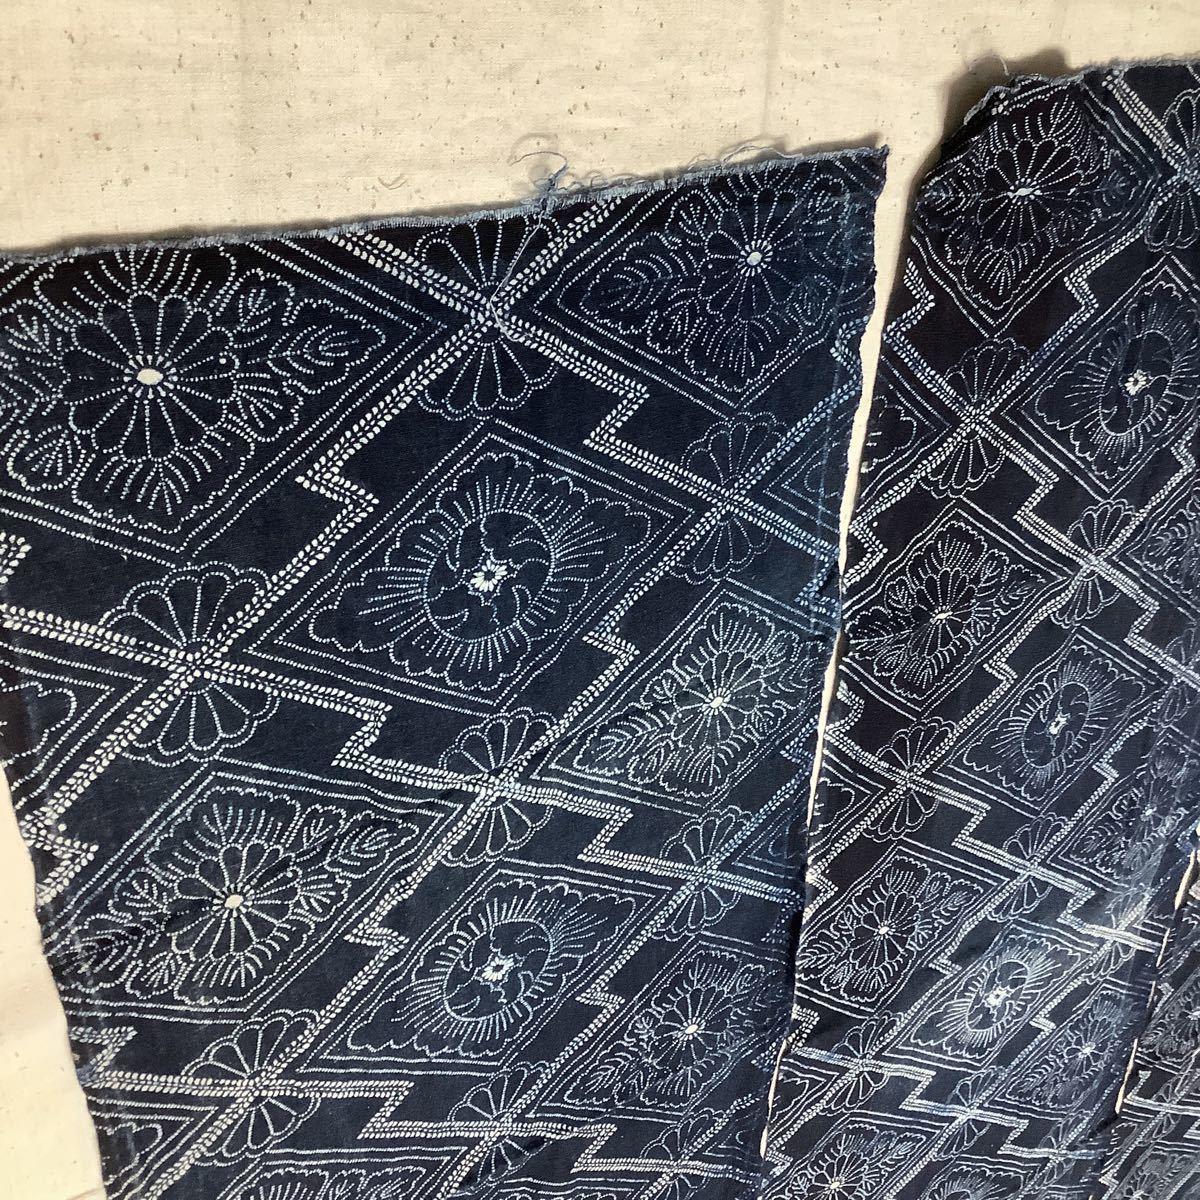 ◆古布前掛け専門屋◆アンティーク◆手織木綿◆本藍染◆型染め◆3幅3巾◆布団側◆刺子襤褸麻書生絣蚊絣雪ん子BOROはぎれ_画像4